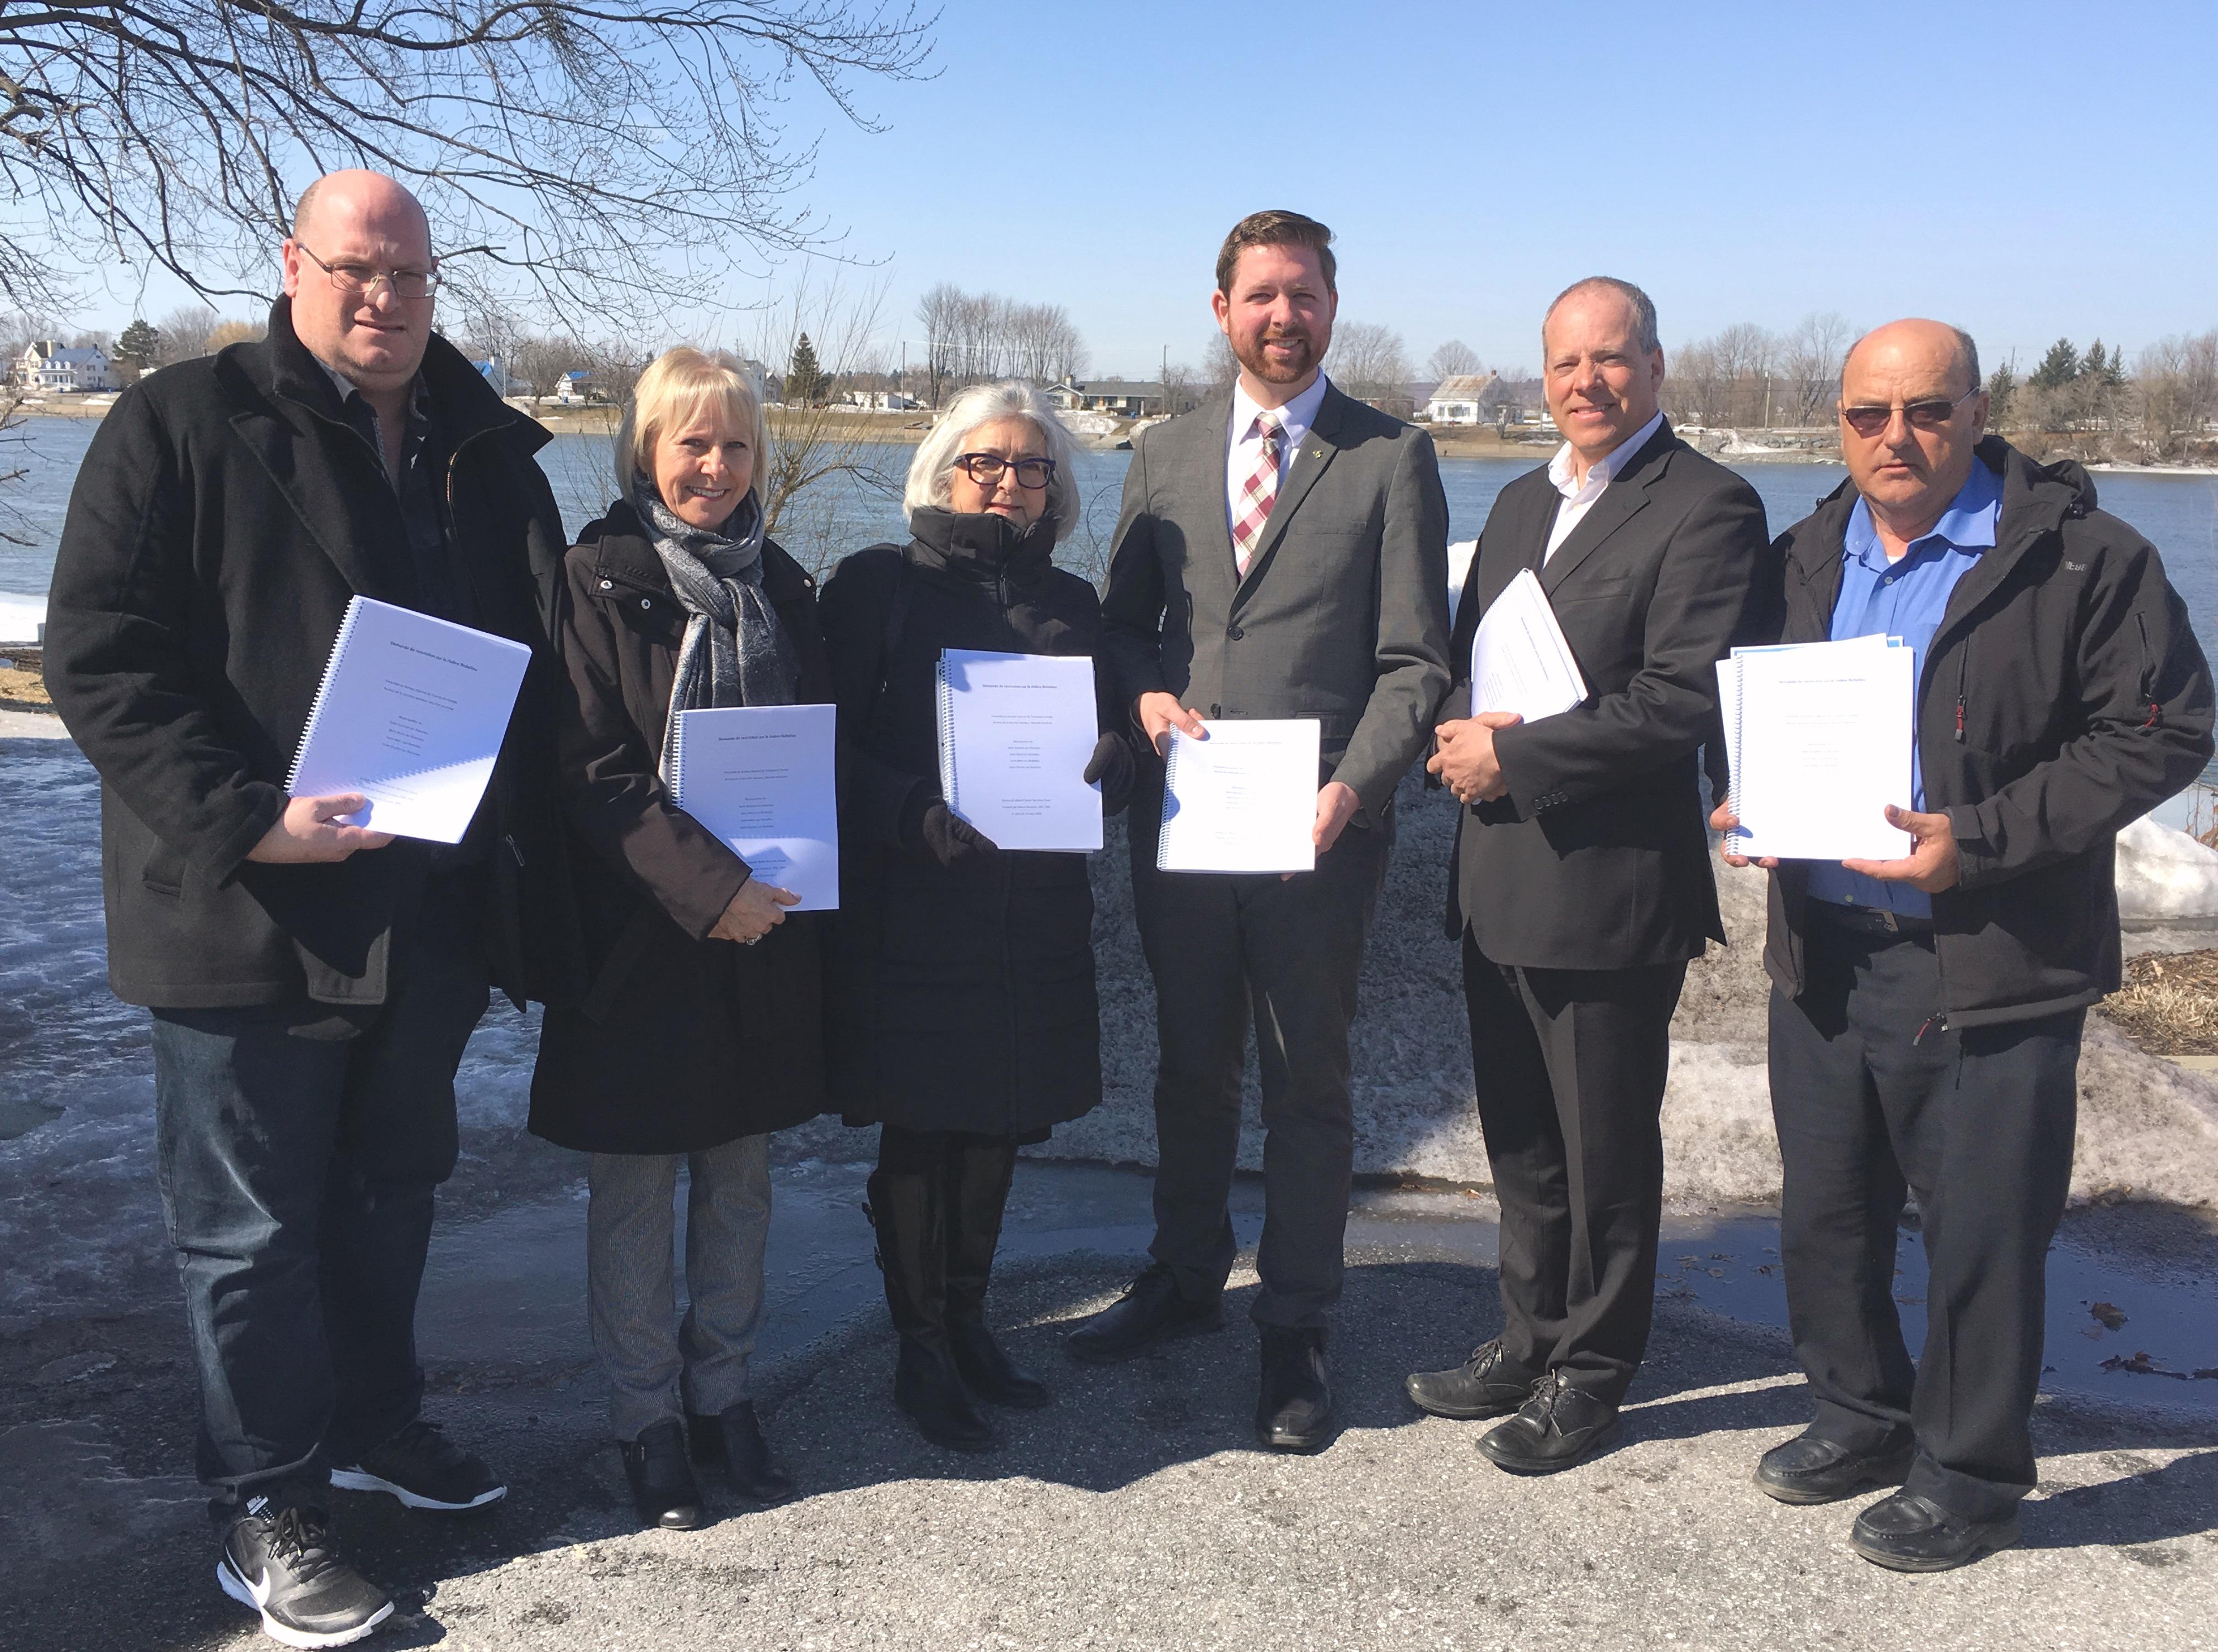 Xavier Barsalou-Duval et quatre maires de la région déposent conjointement une demande de restriction sur la rivière Richelieu